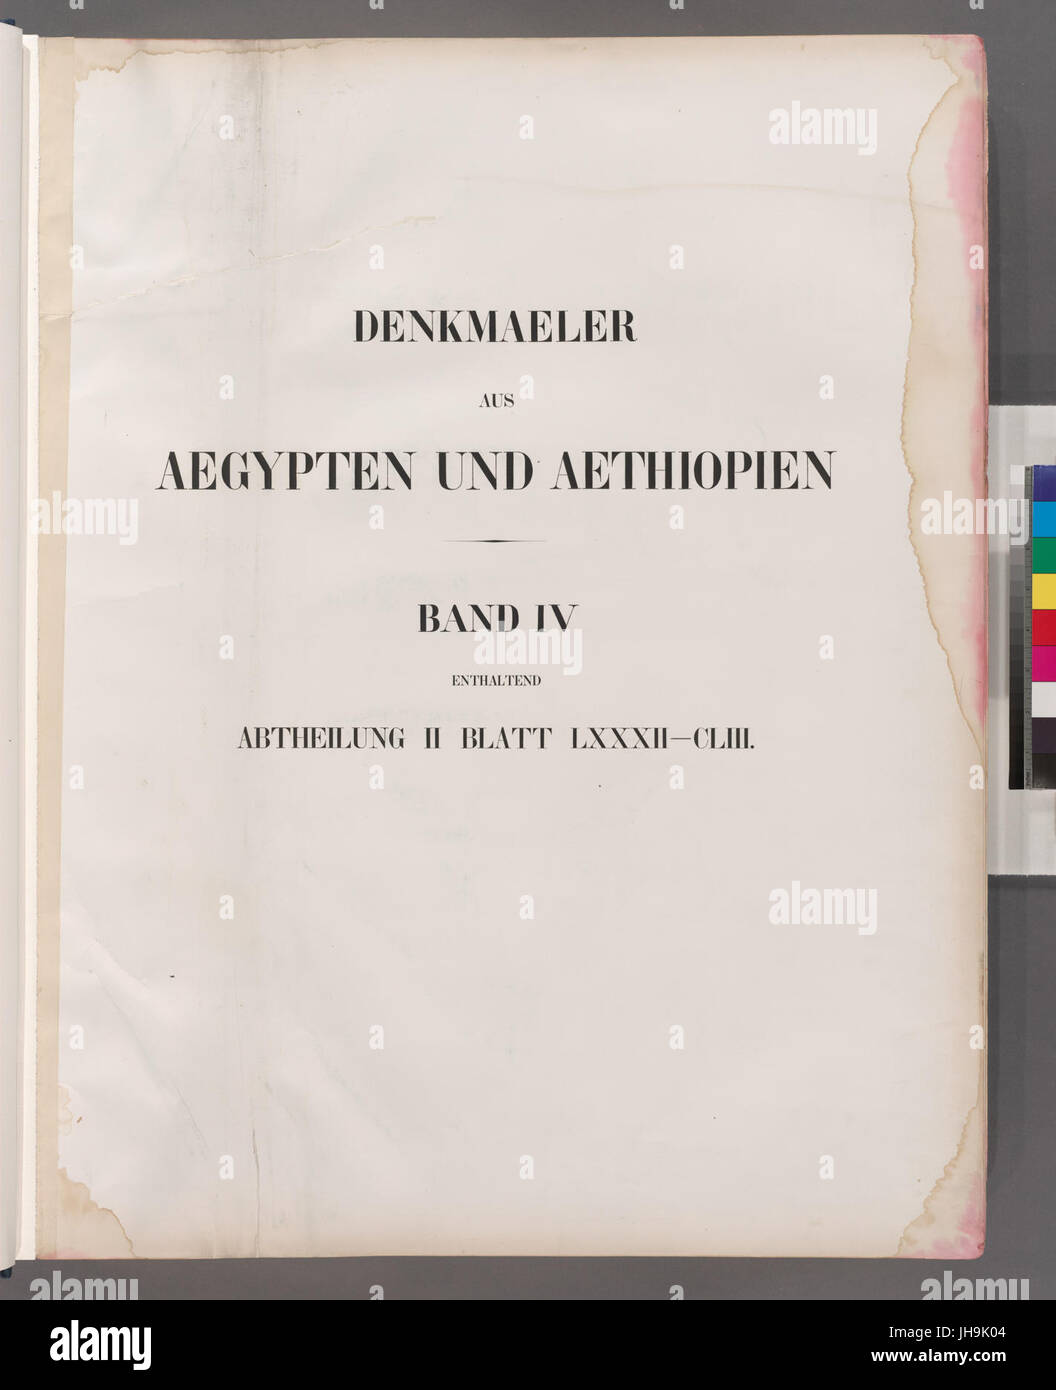 Title page) Denkmaeler aus Aegypten und Aethiopien. Band IV enthaltend Abtheilung II Blatt LXXXII-CLIII (82-153) - Stock Image